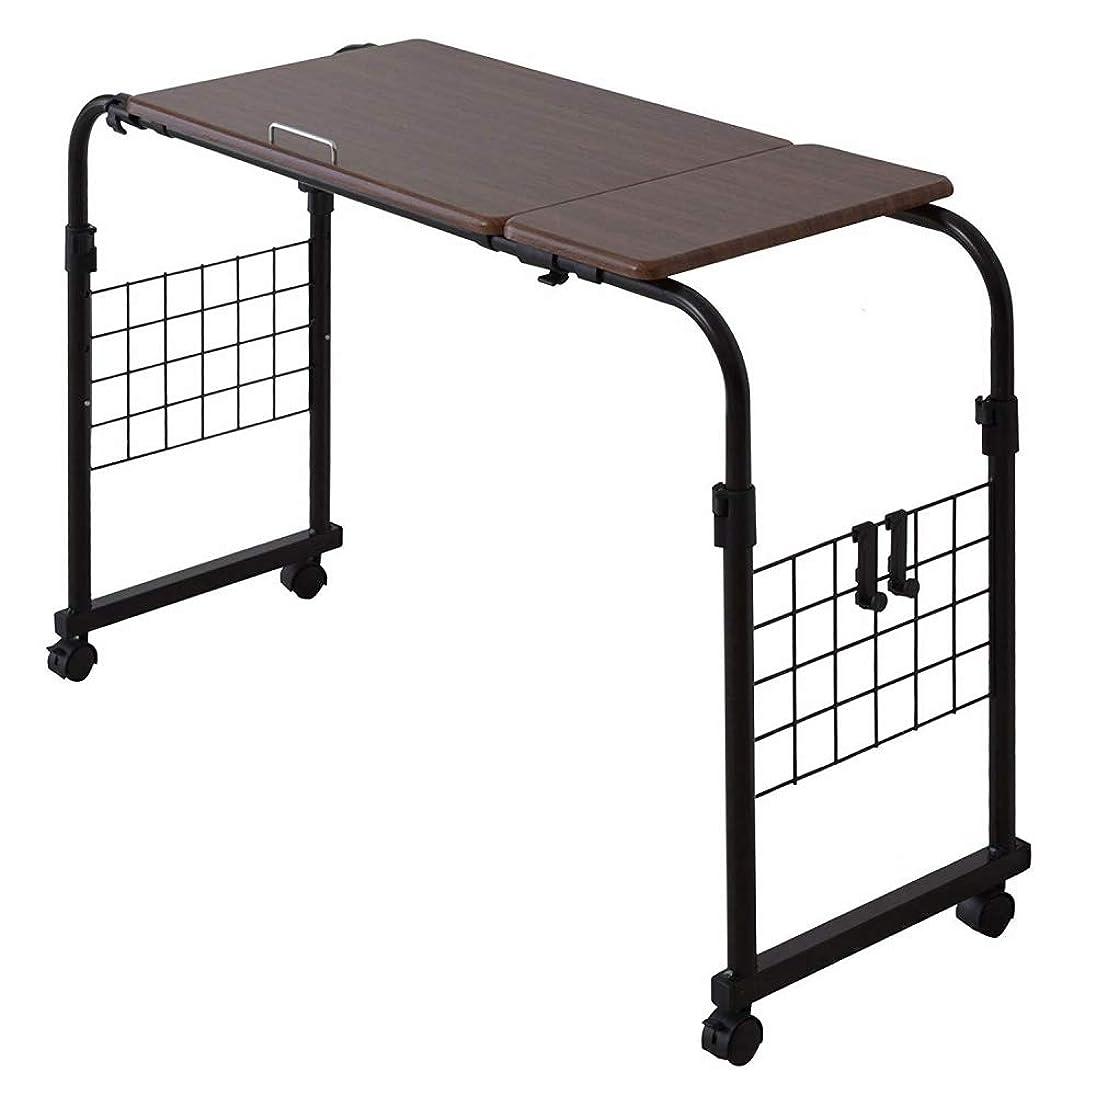 舌な軽く患者ワイエムワールド 介護用ベッドテーブル 伸縮式 角度調節 テーブル ワンダー ブラウン 34-135